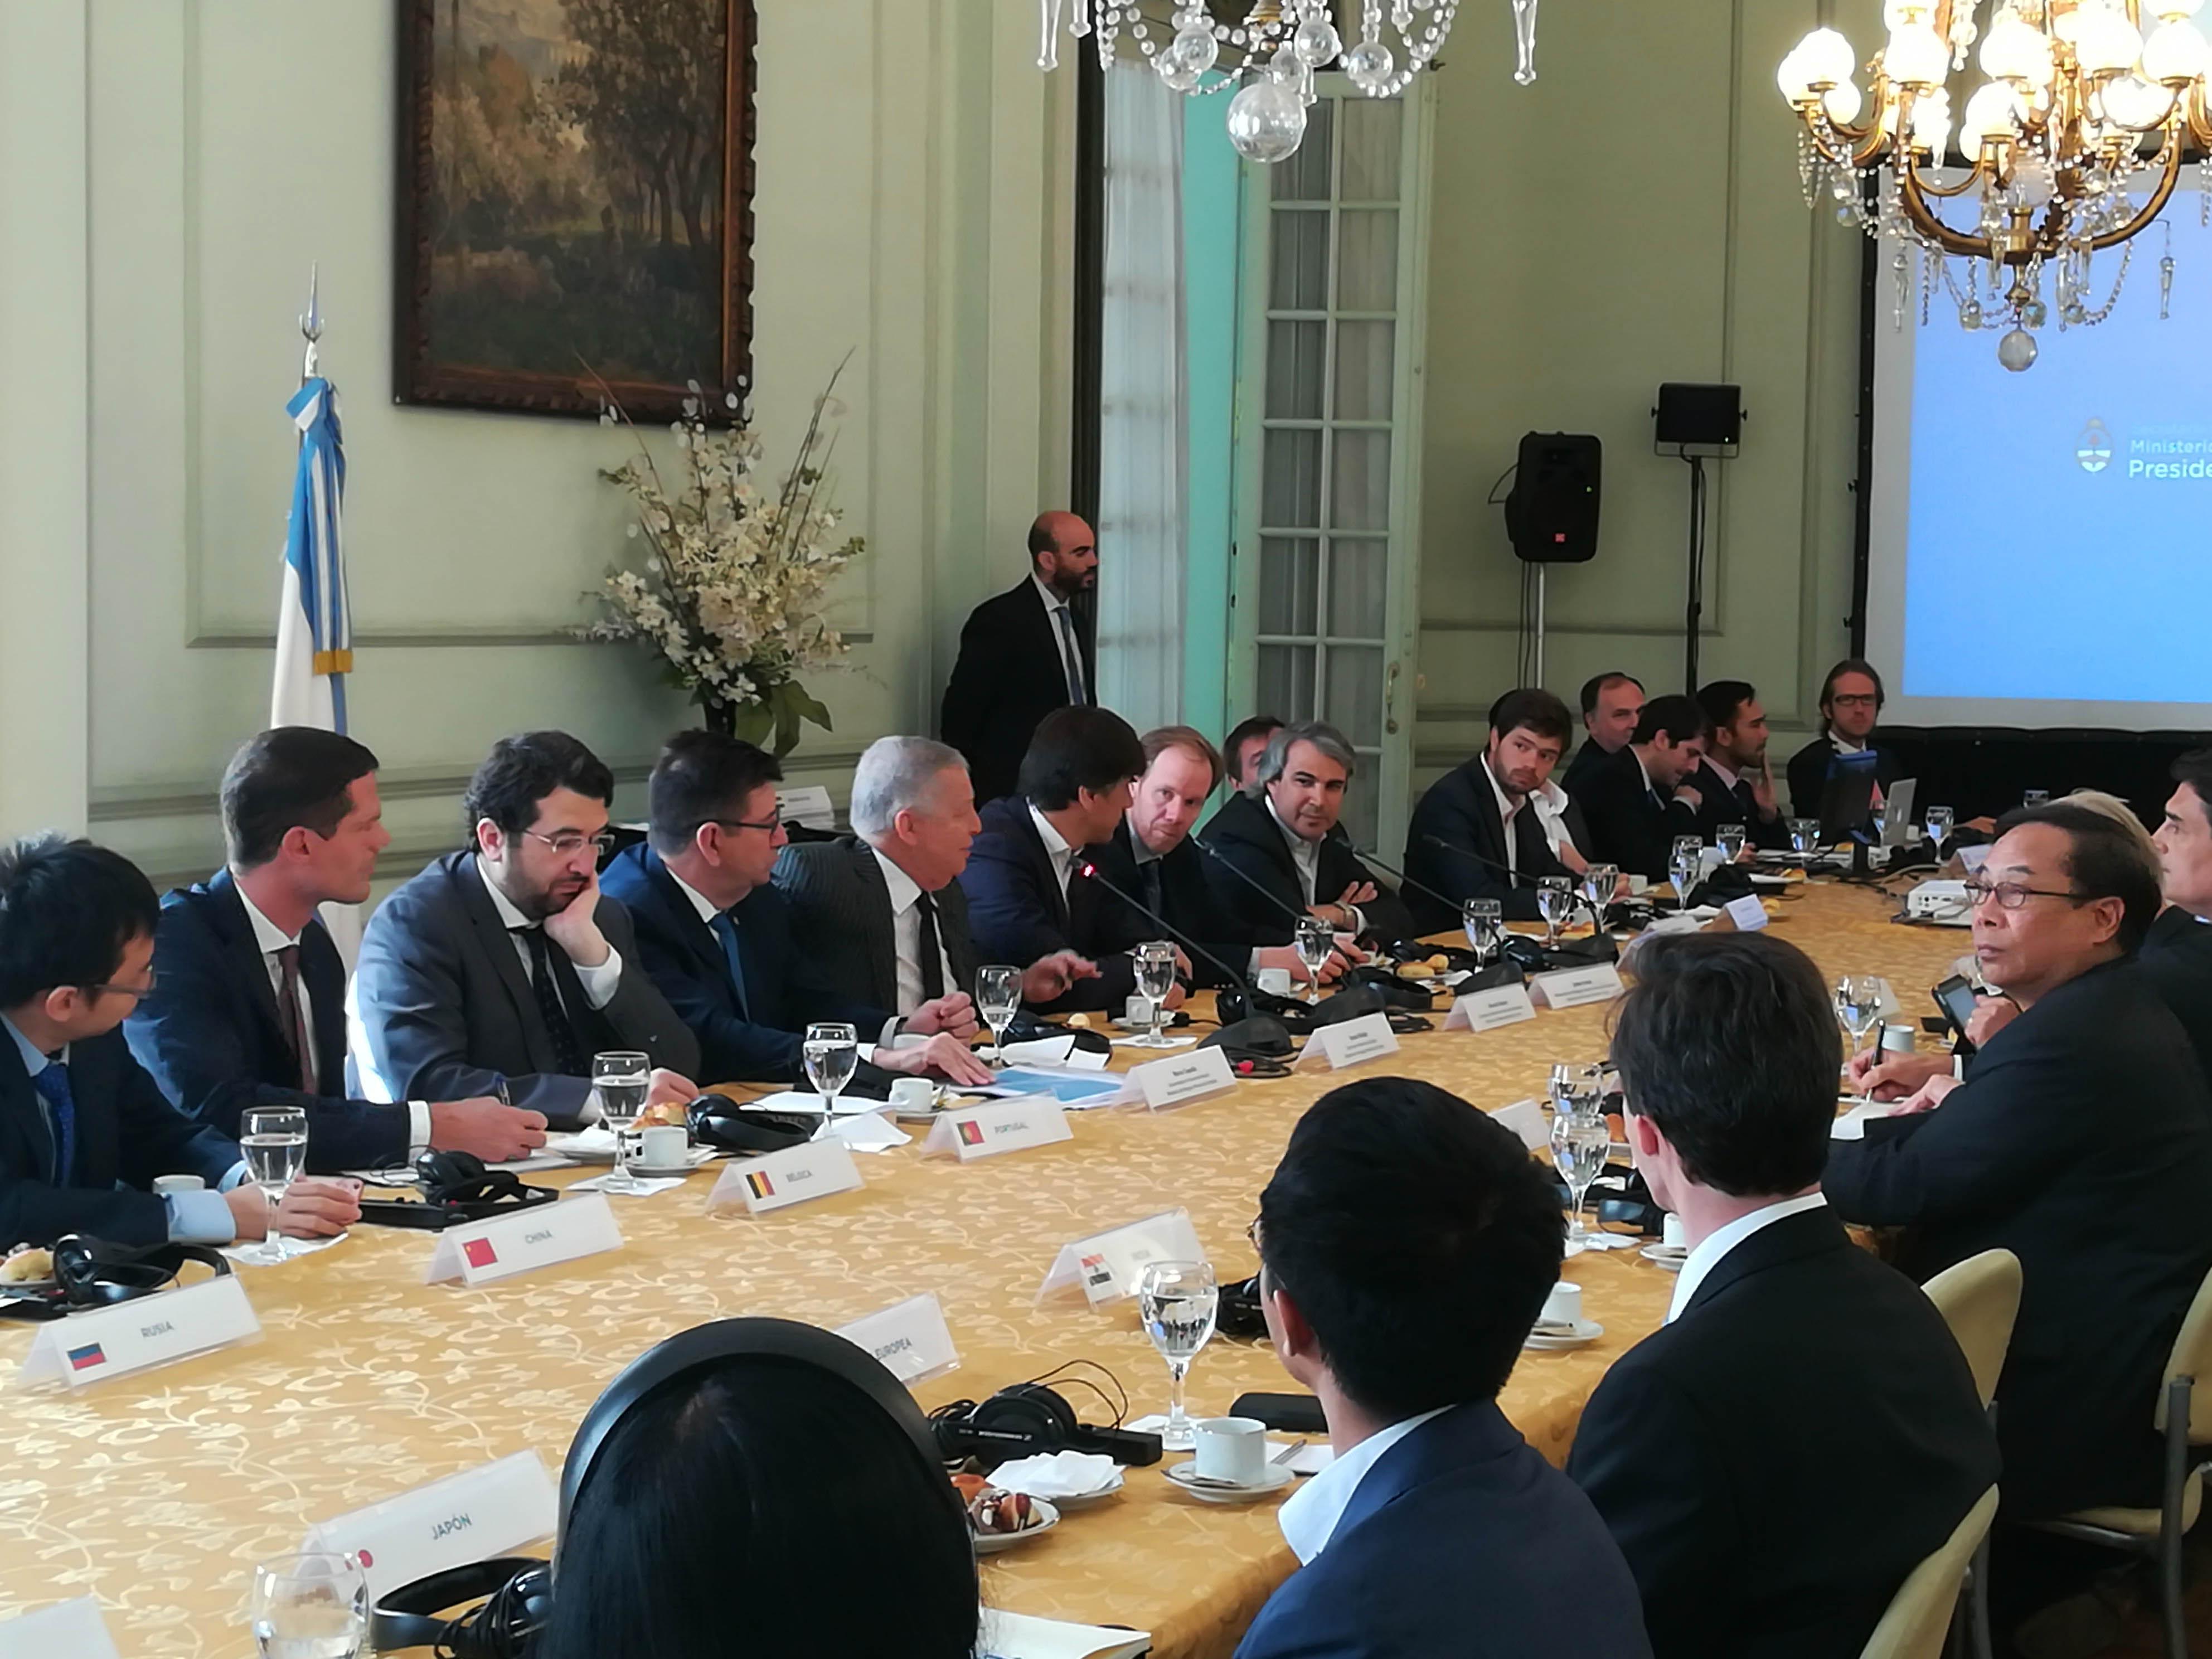 La secretaria de mineria presentó oportunidades de inversión ante 35 embajadores